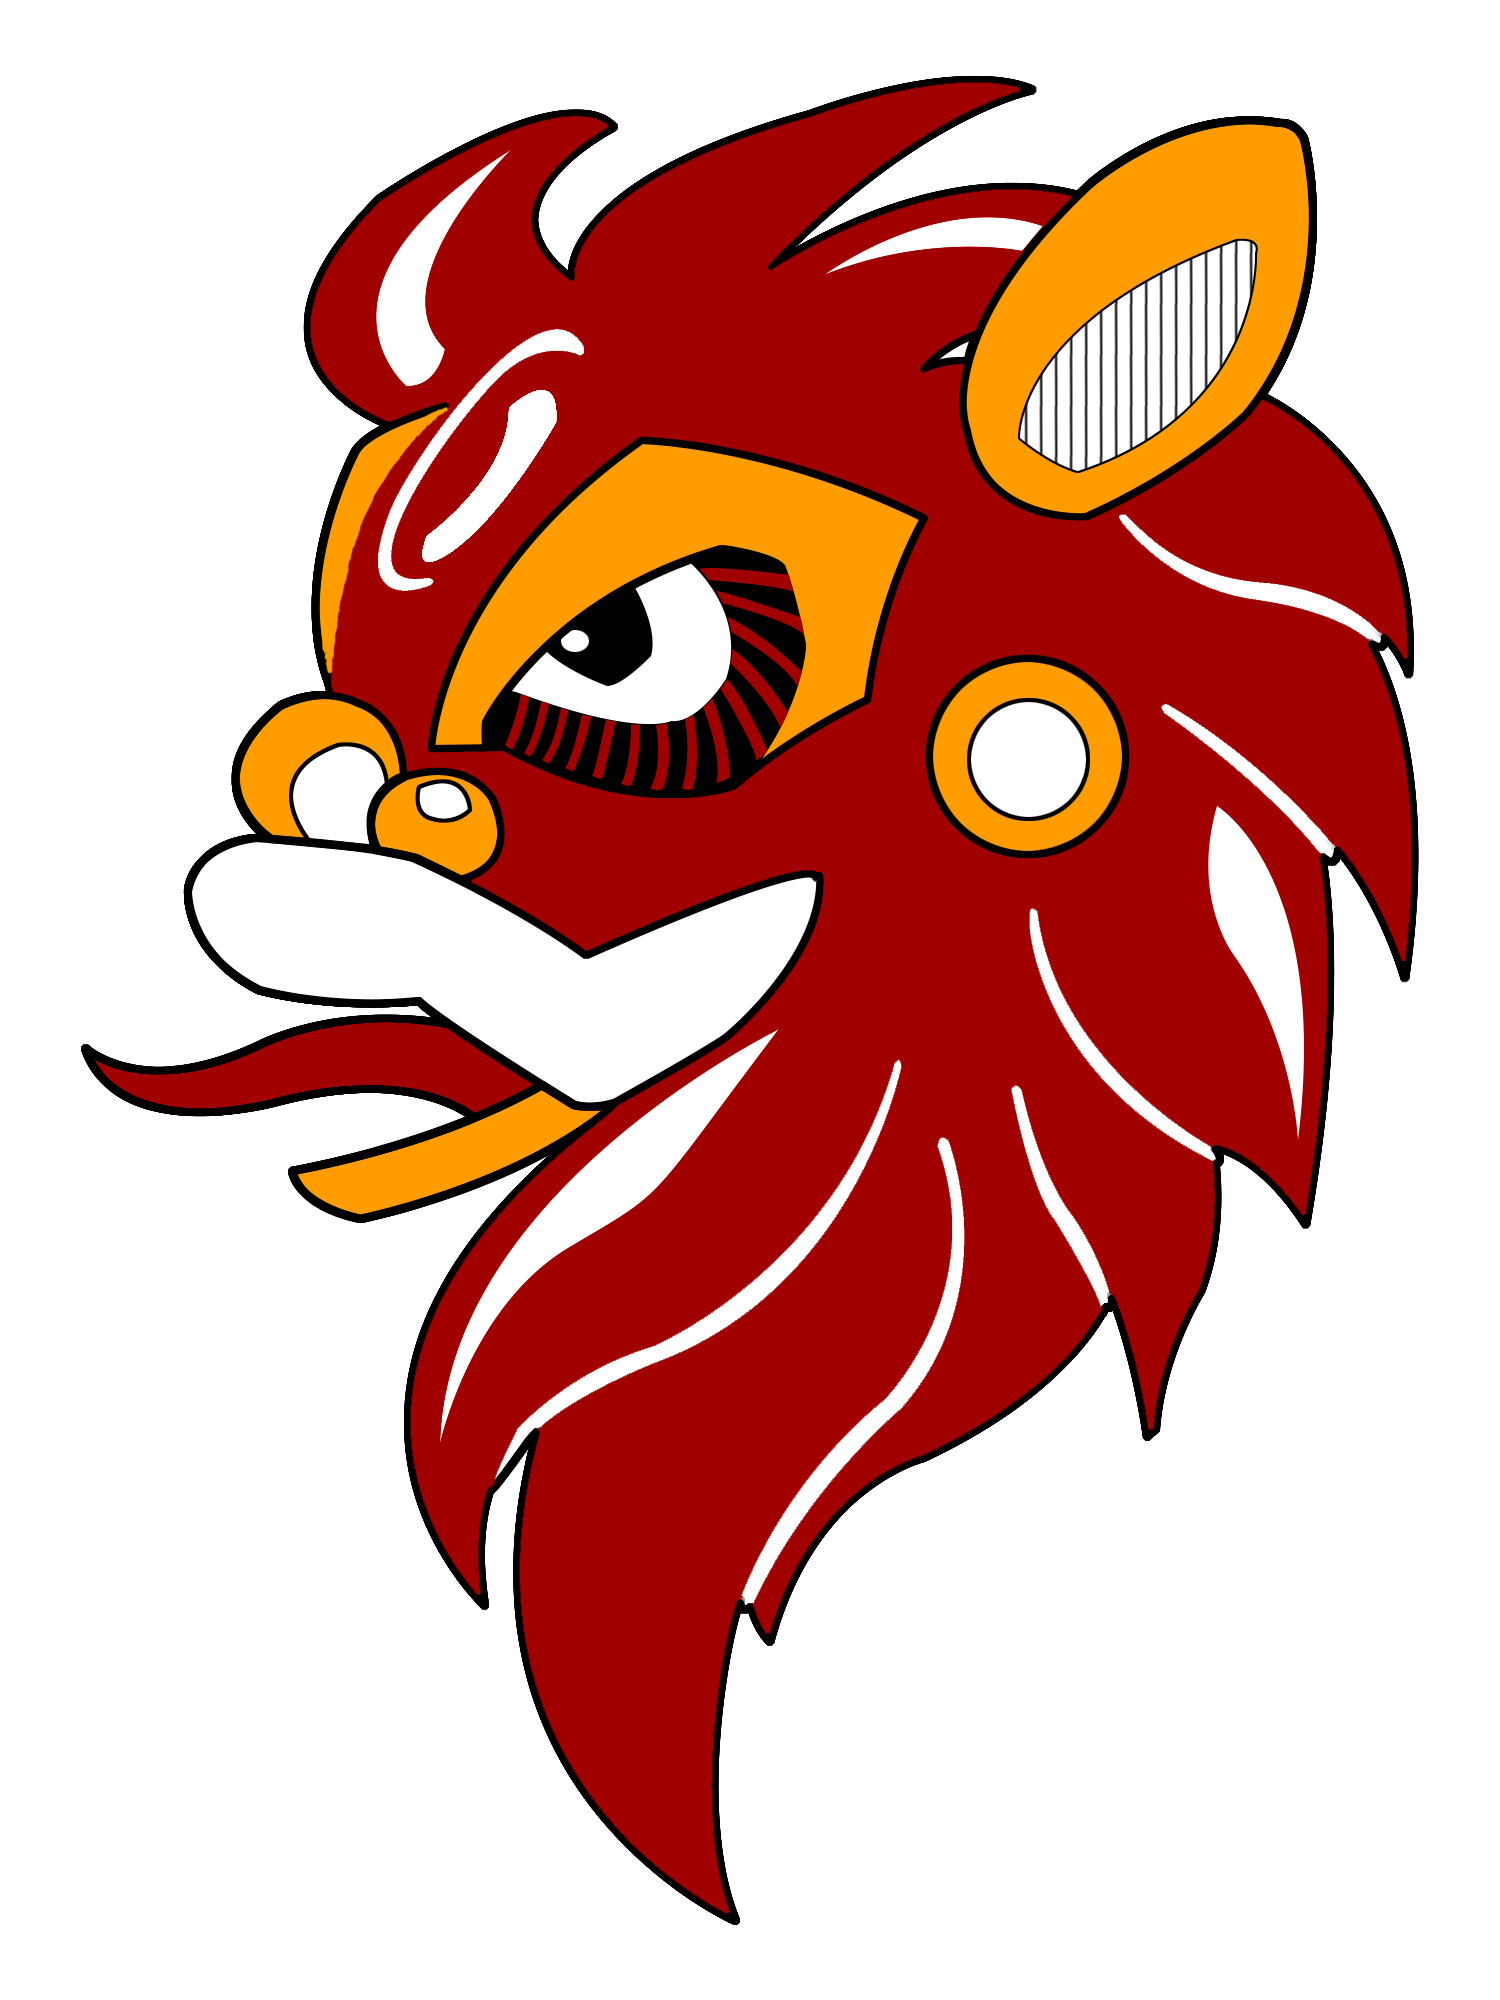 Dance clipart dance troupe. About us raffles lion